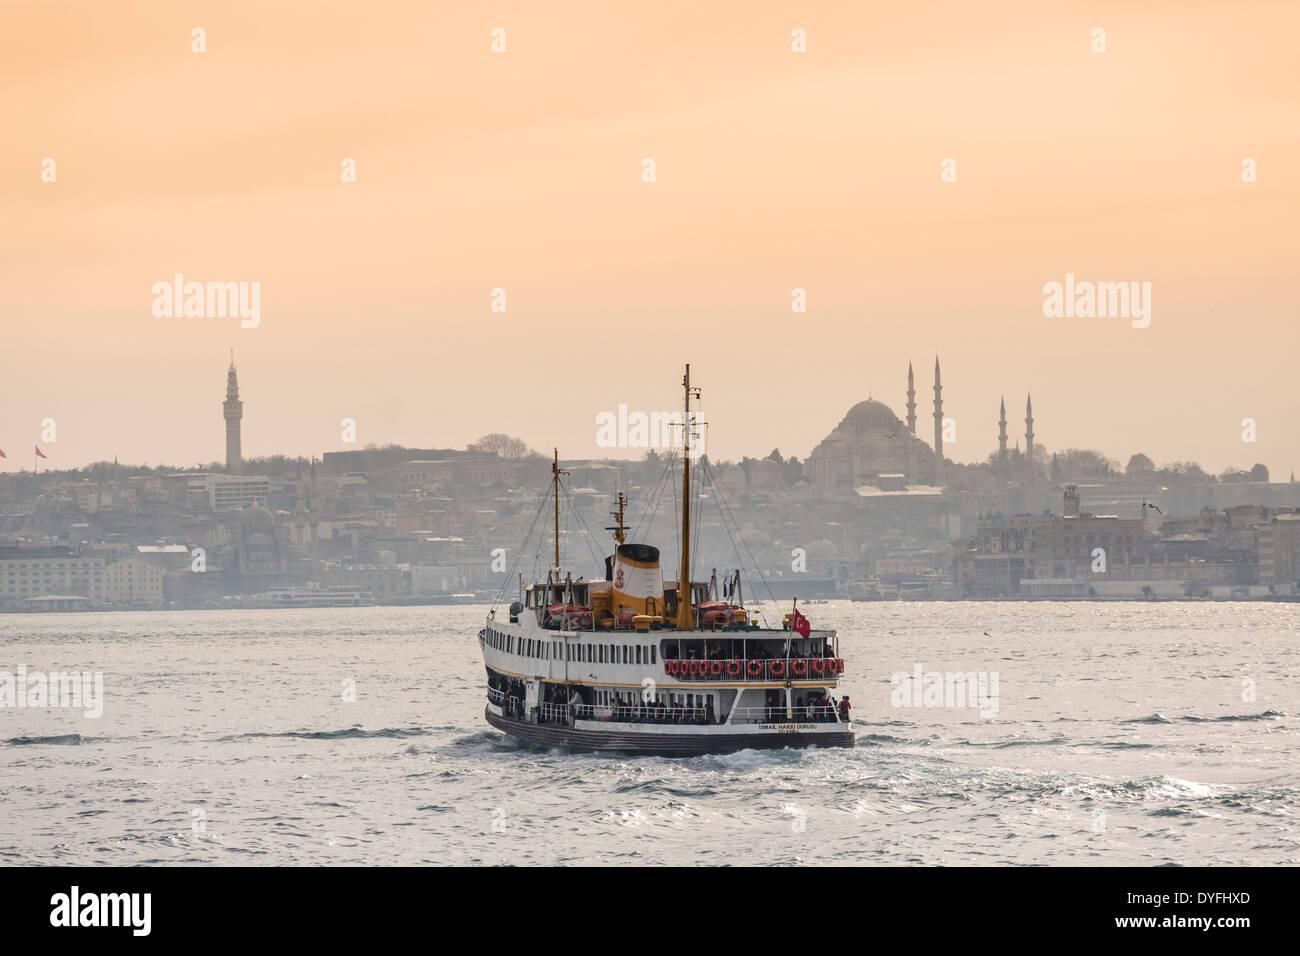 Bateau de croisière/ferry sur le Bosphore à Eminonu, Istanbul, Turquie Photo Stock